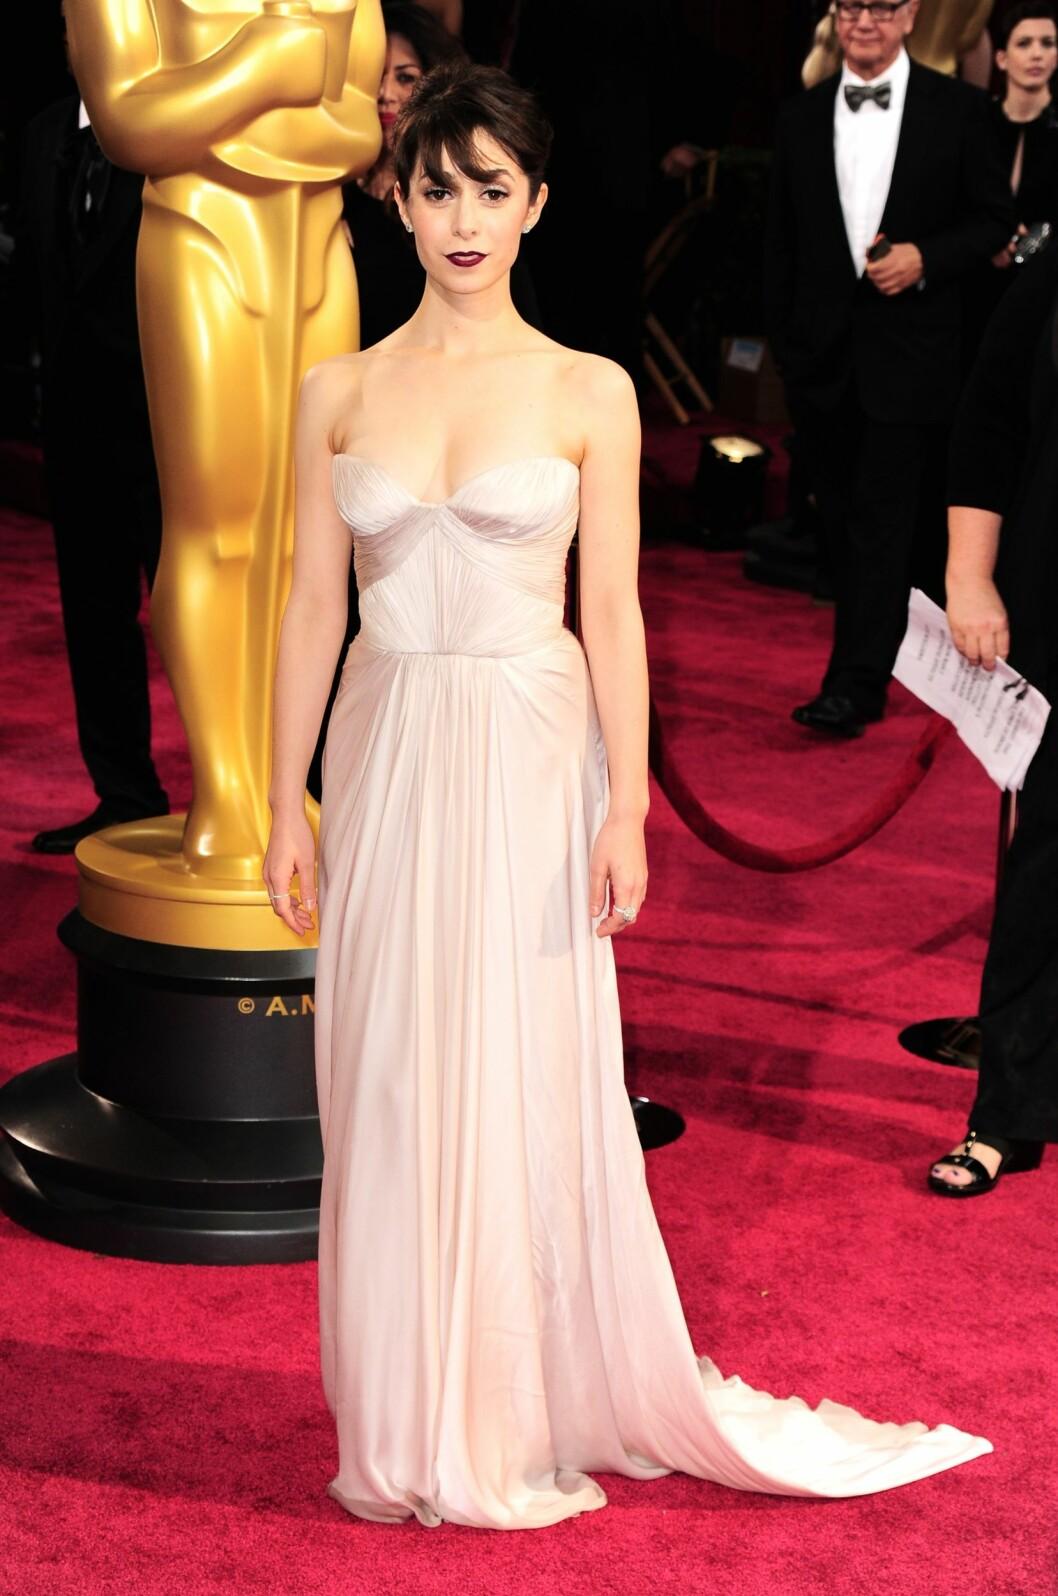 Cristin Milioti hadde valgt en kjole som var for stor i bysten, og den dramatiske sminken gjorde at hun så ekstra blek ut.  Foto: All Over Press